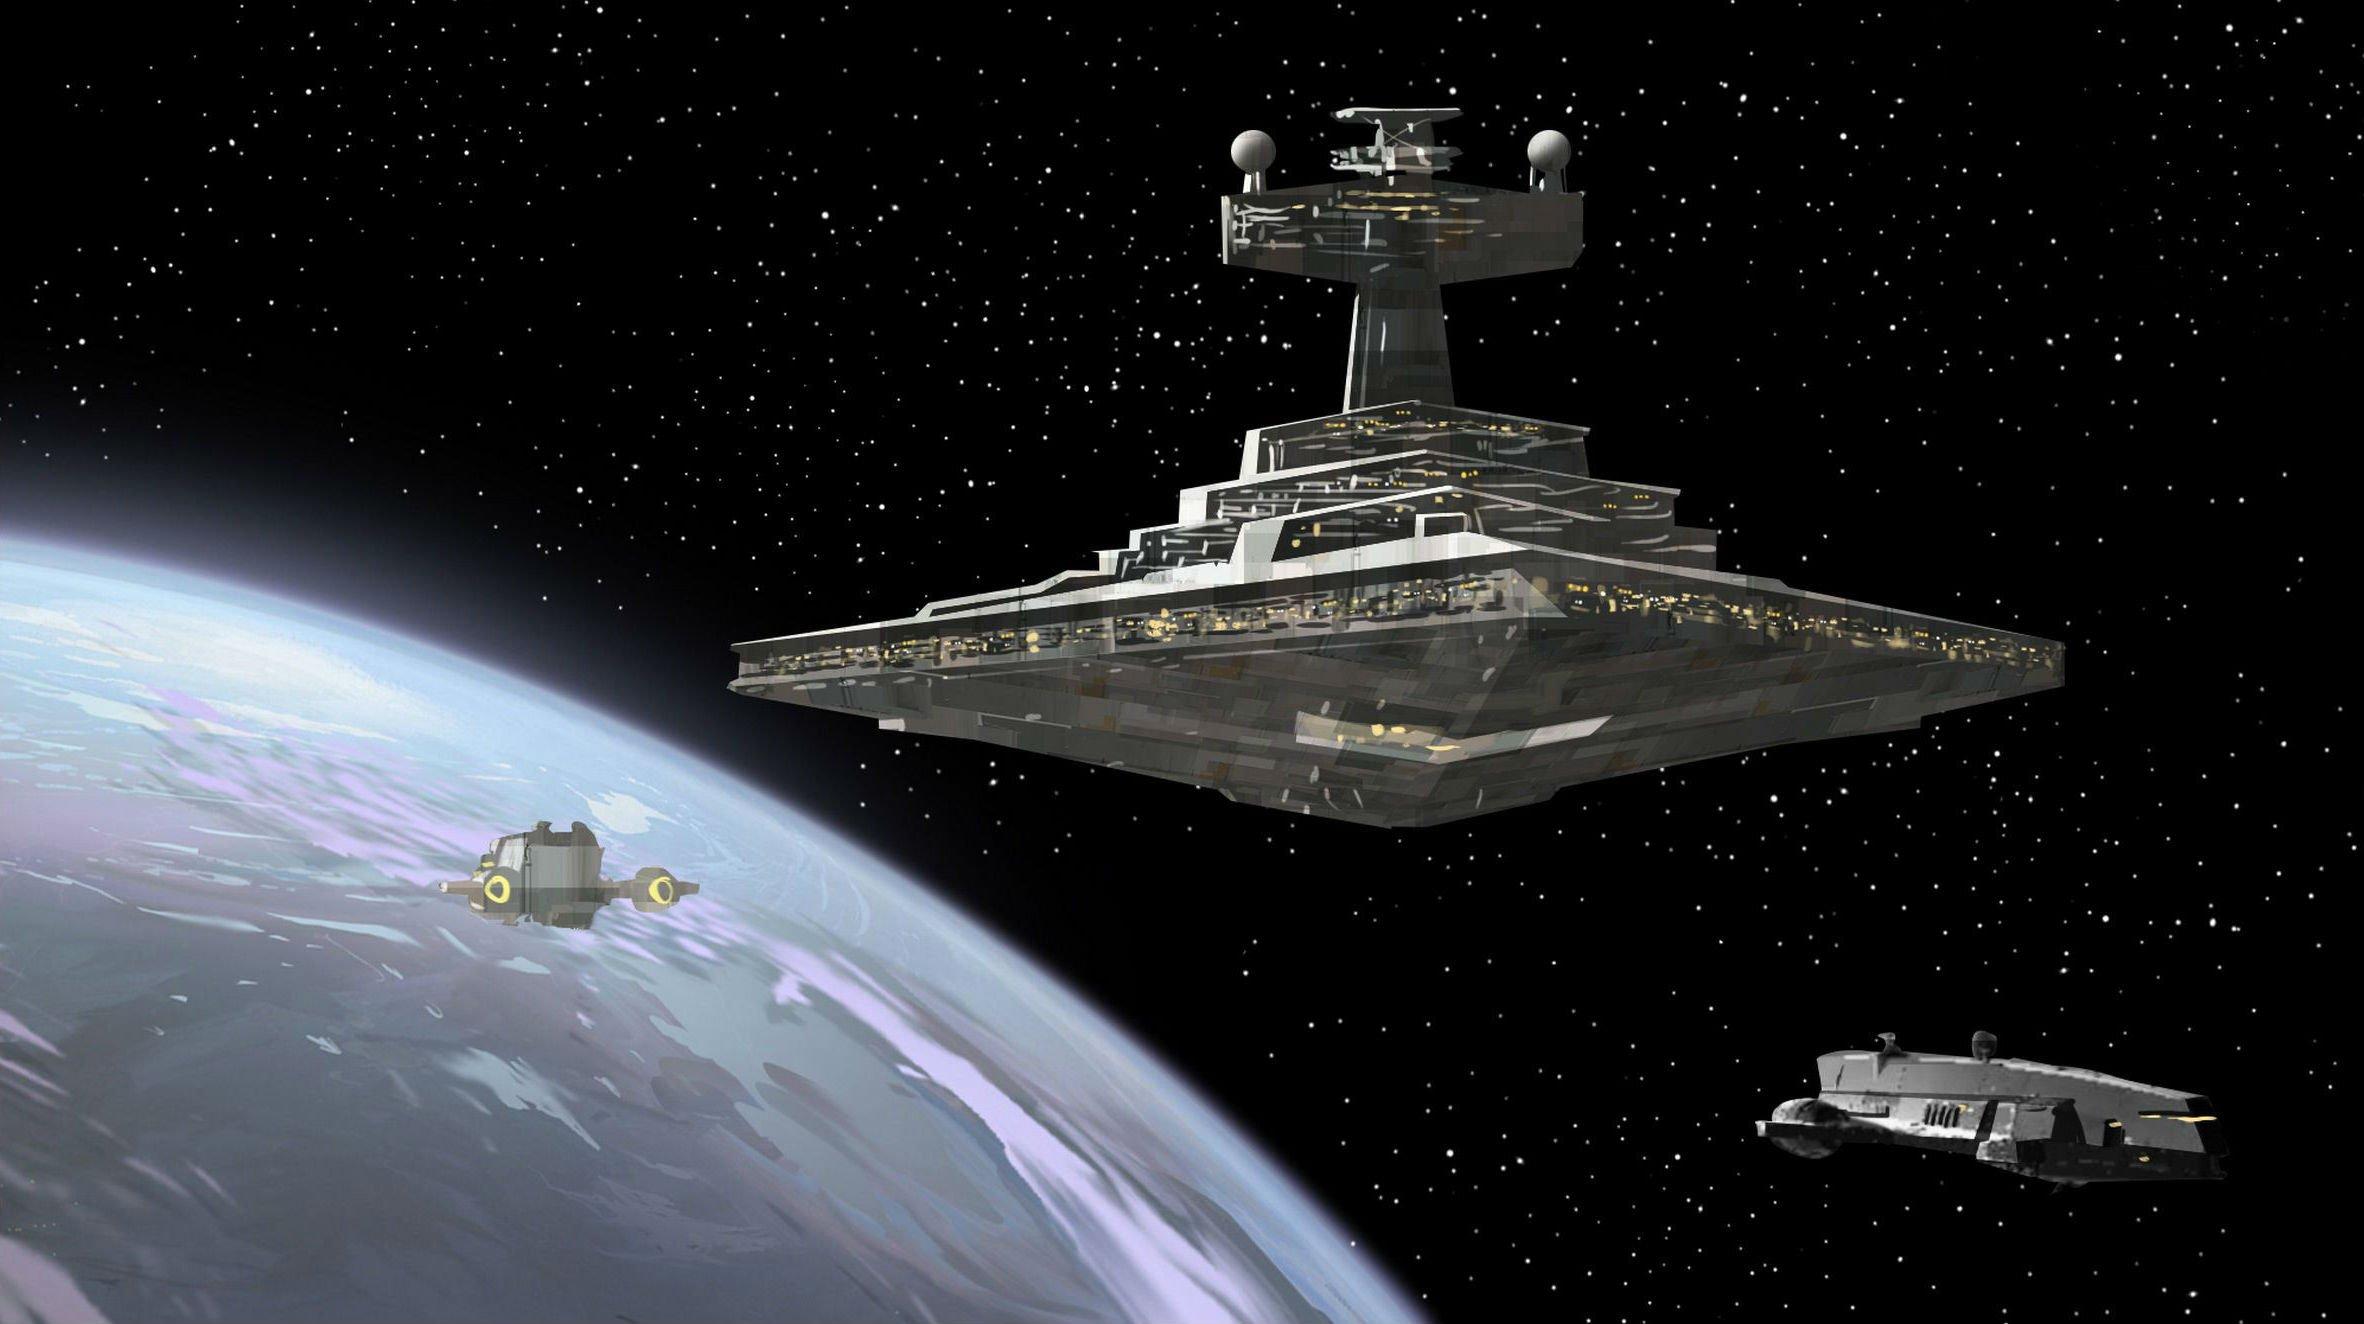 Star Destroyer Star Wars Spaceship Sci Fi Space Wallpaper